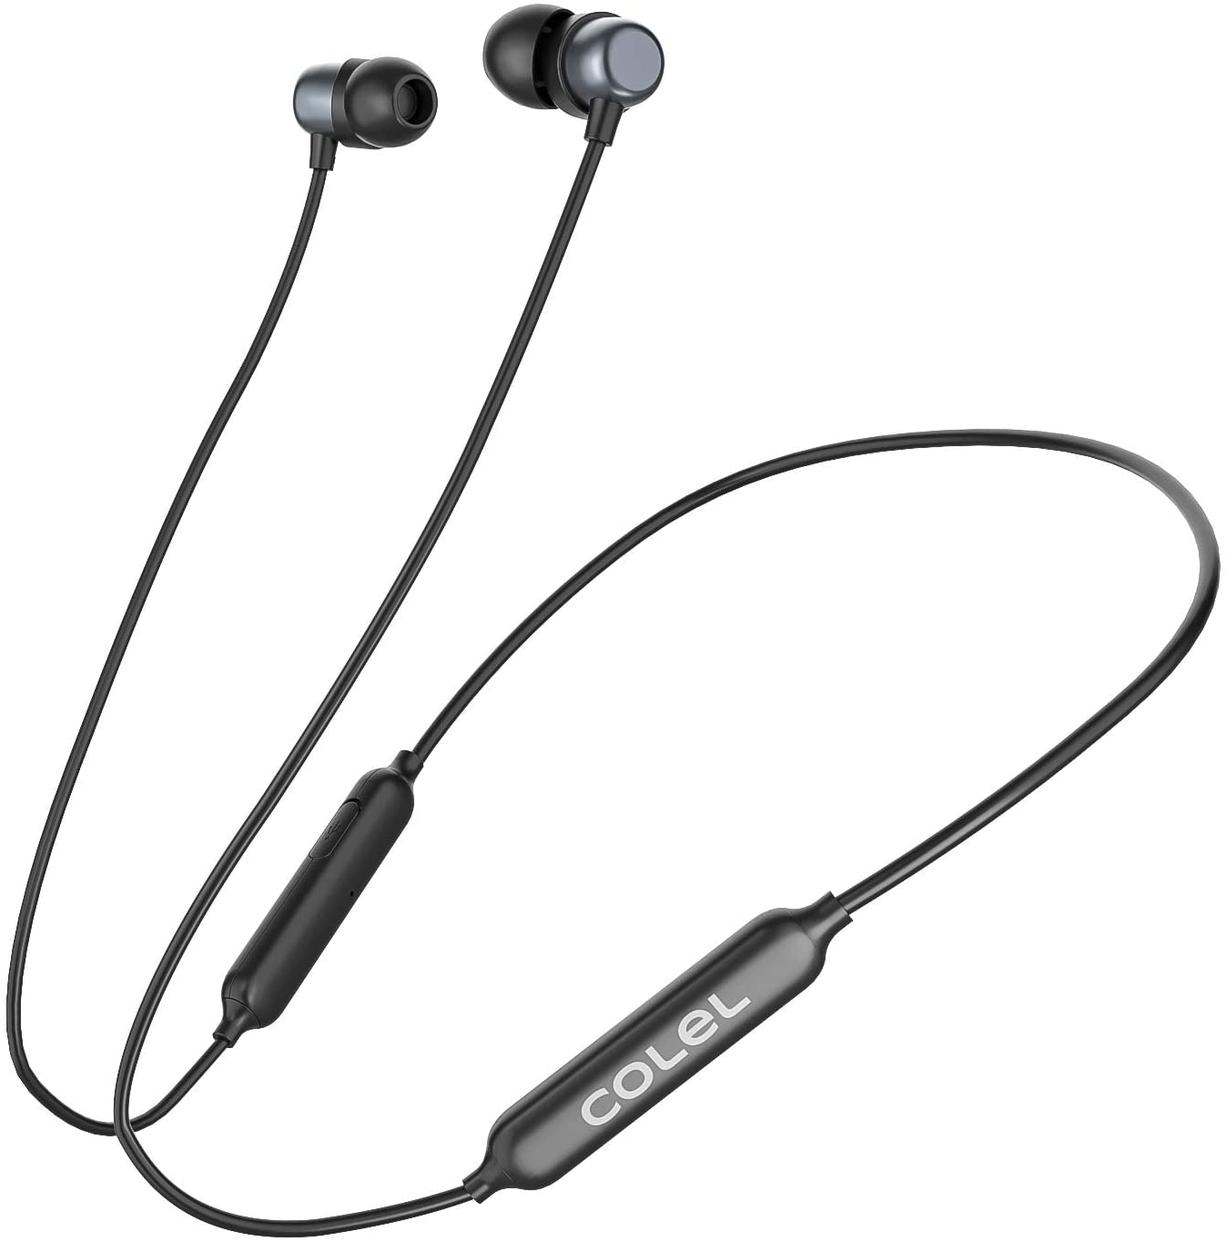 colel(コーレル) Bluetooth イヤホンの商品画像